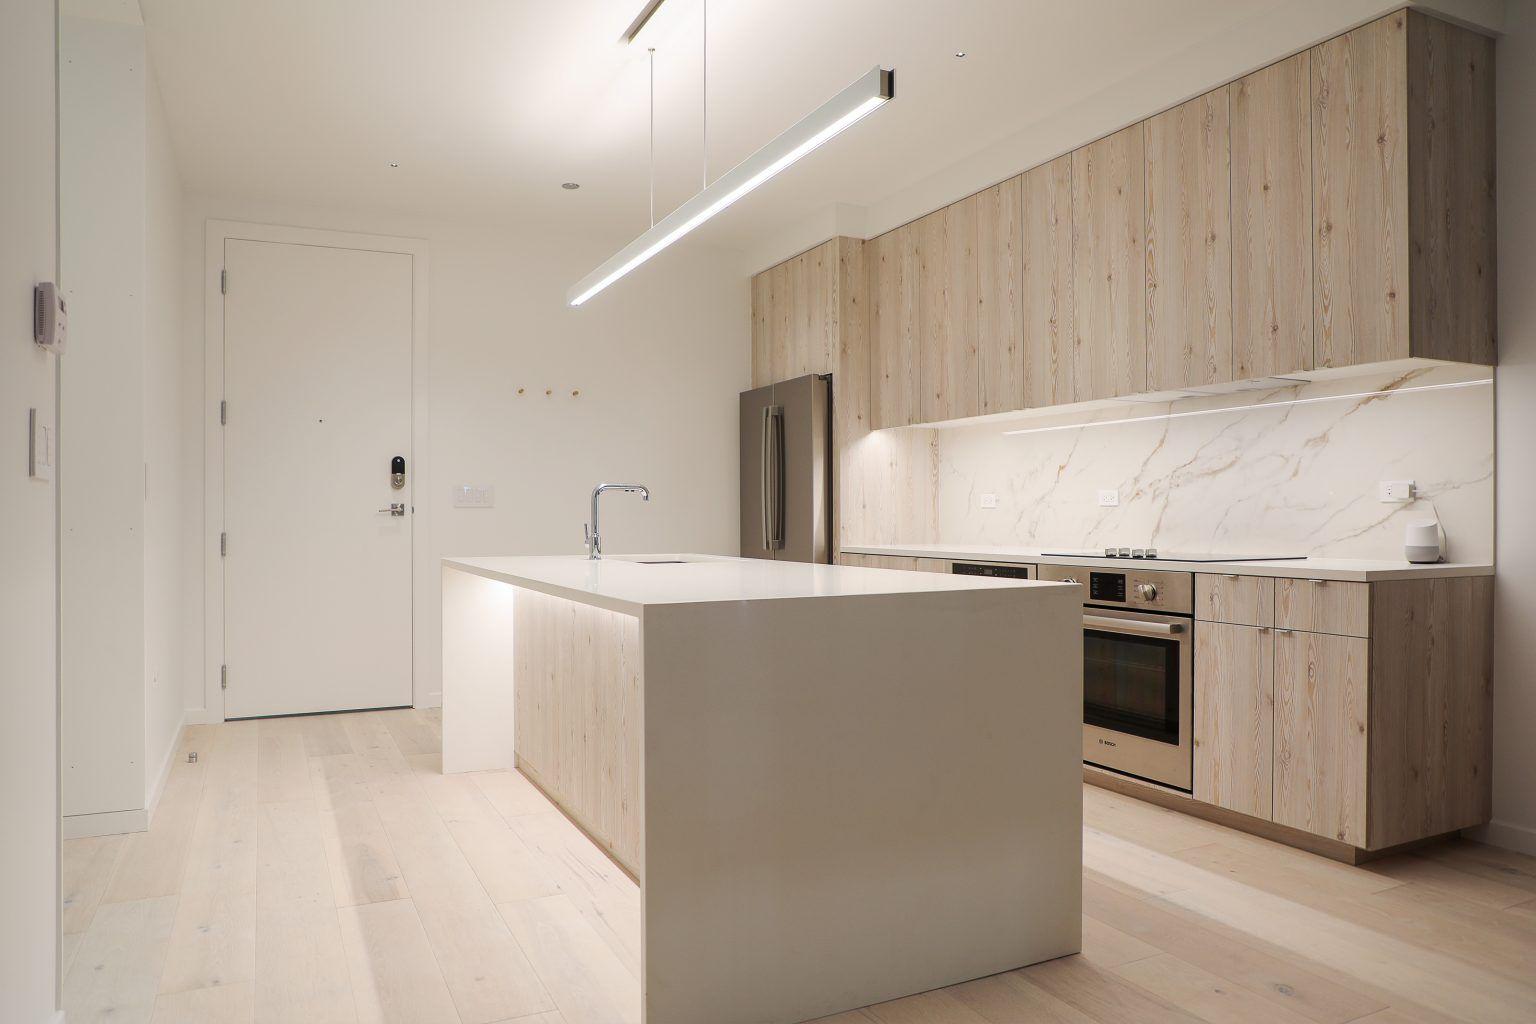 Skender kitchen